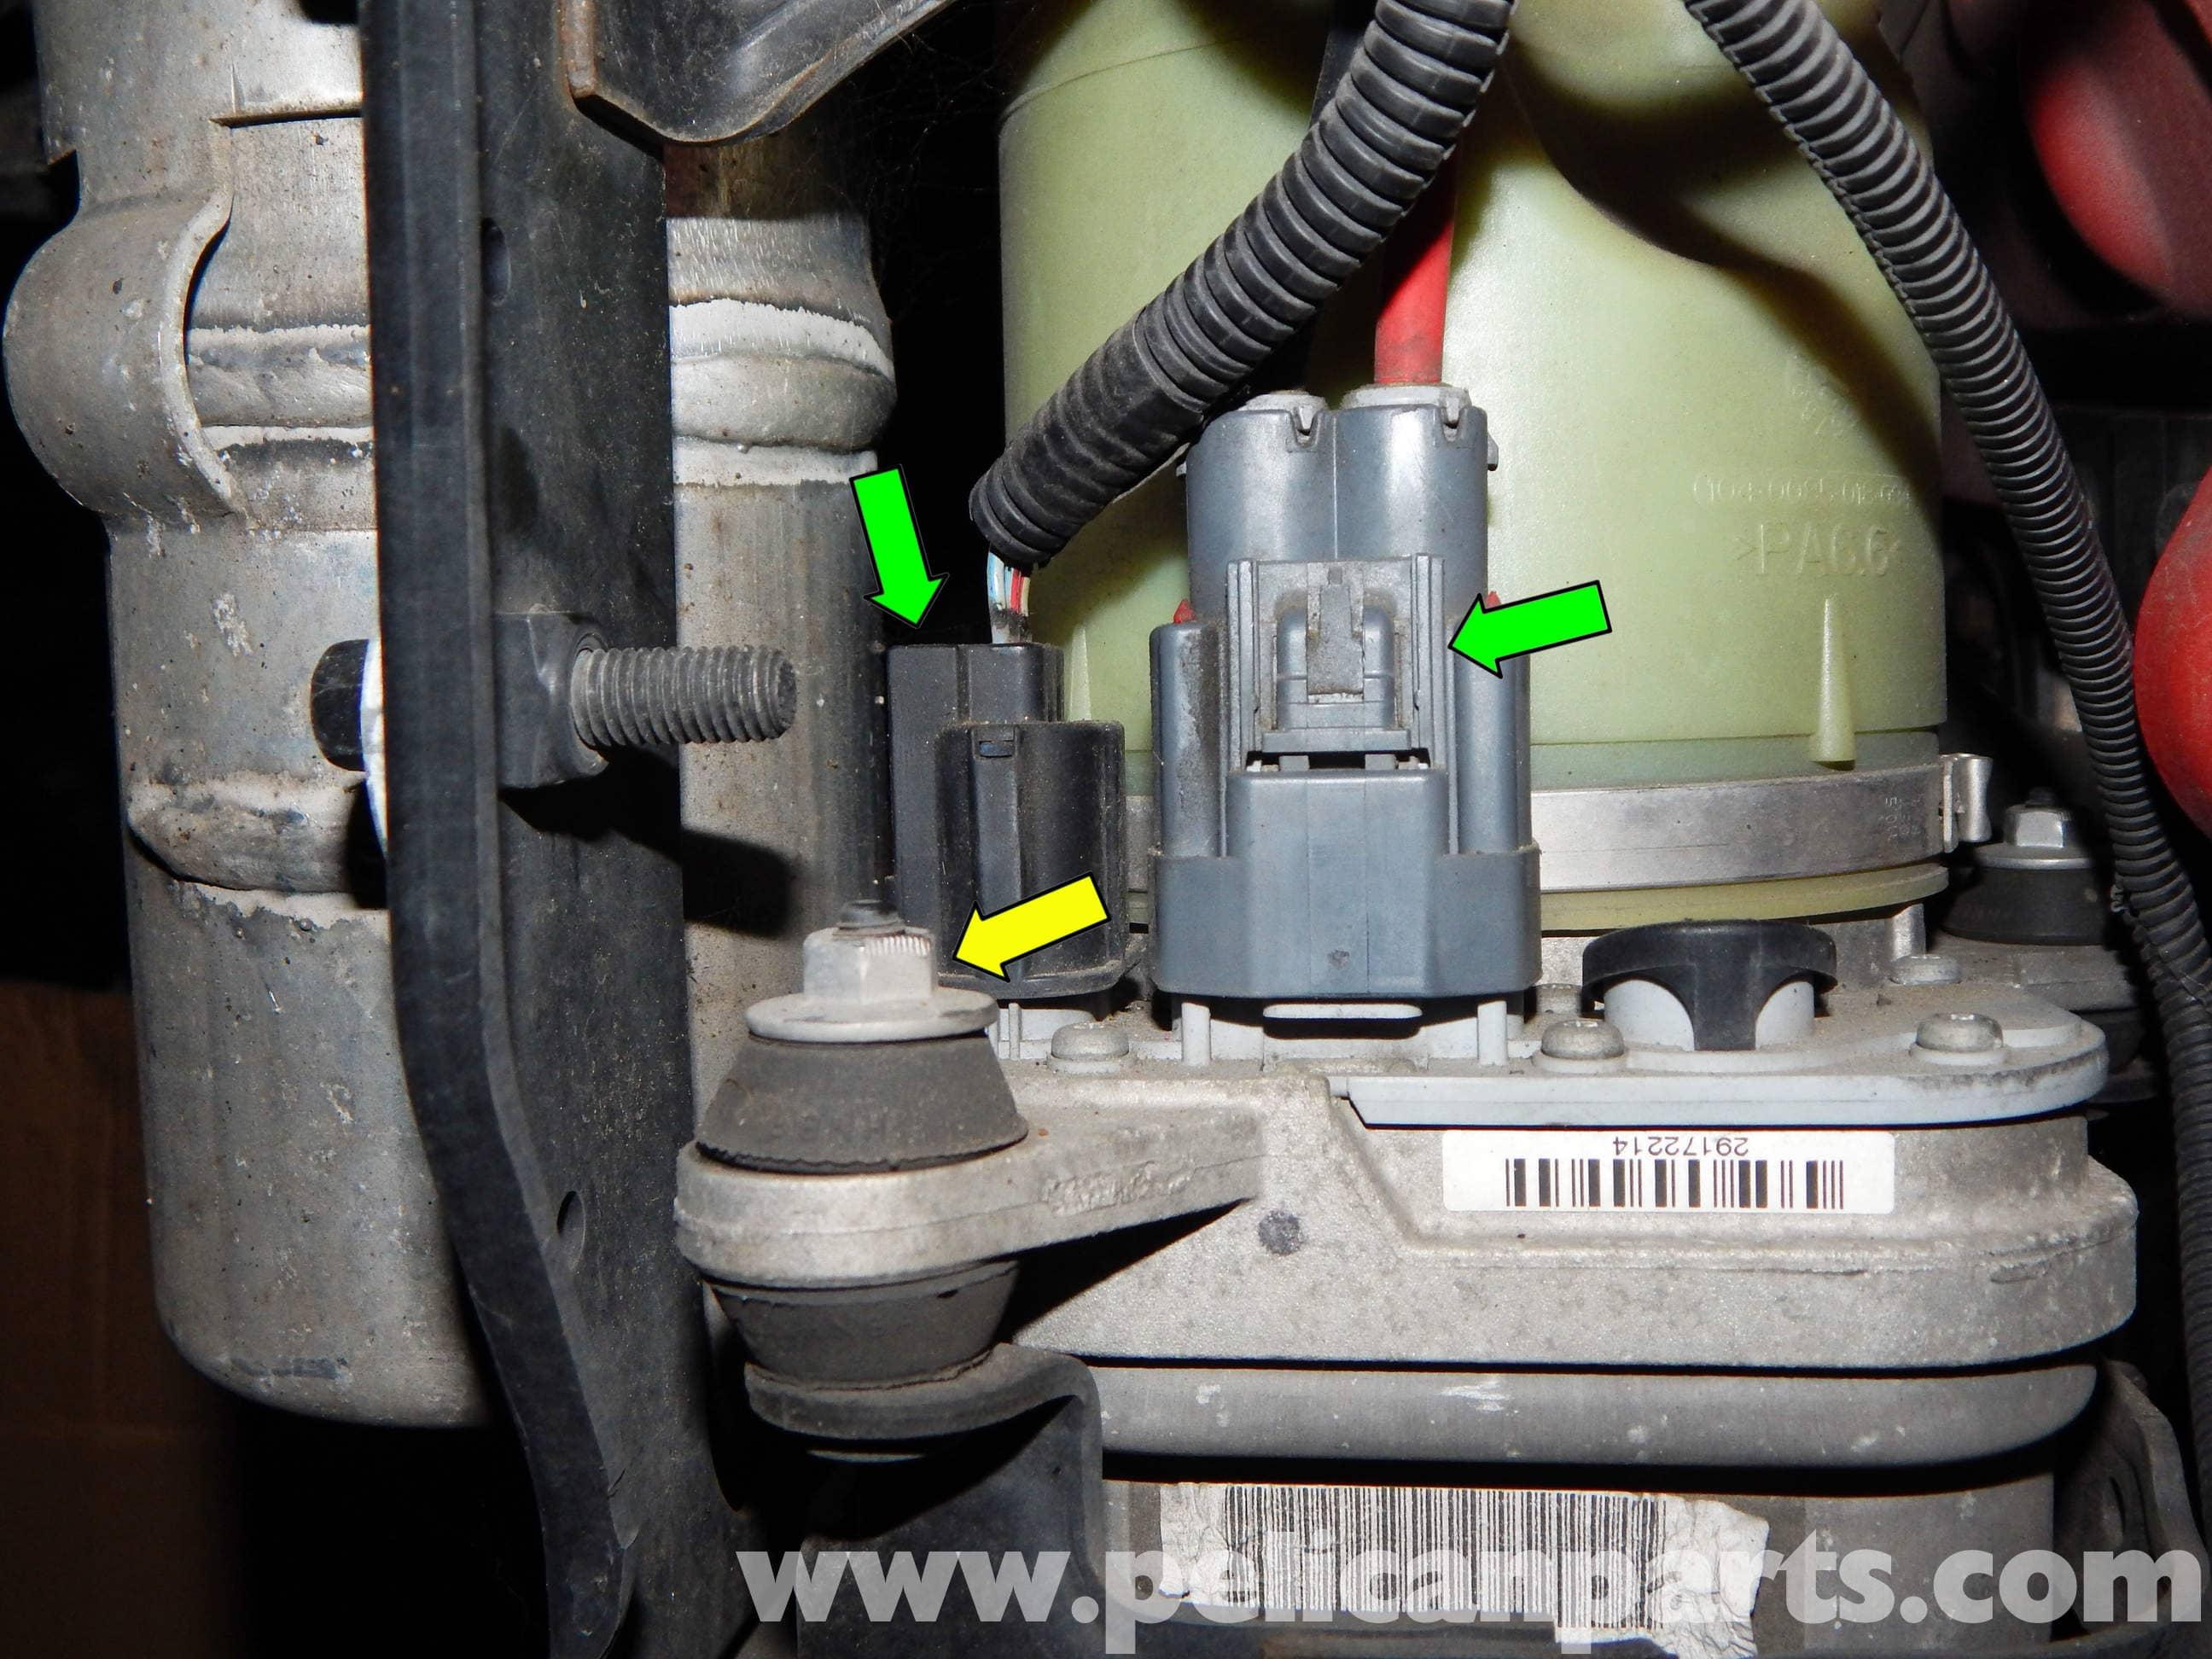 Volvo C30 Power Steering Pump Replacement | C30 T5 (2008-2013), C30 T5 R-Design (2008-2013 ...